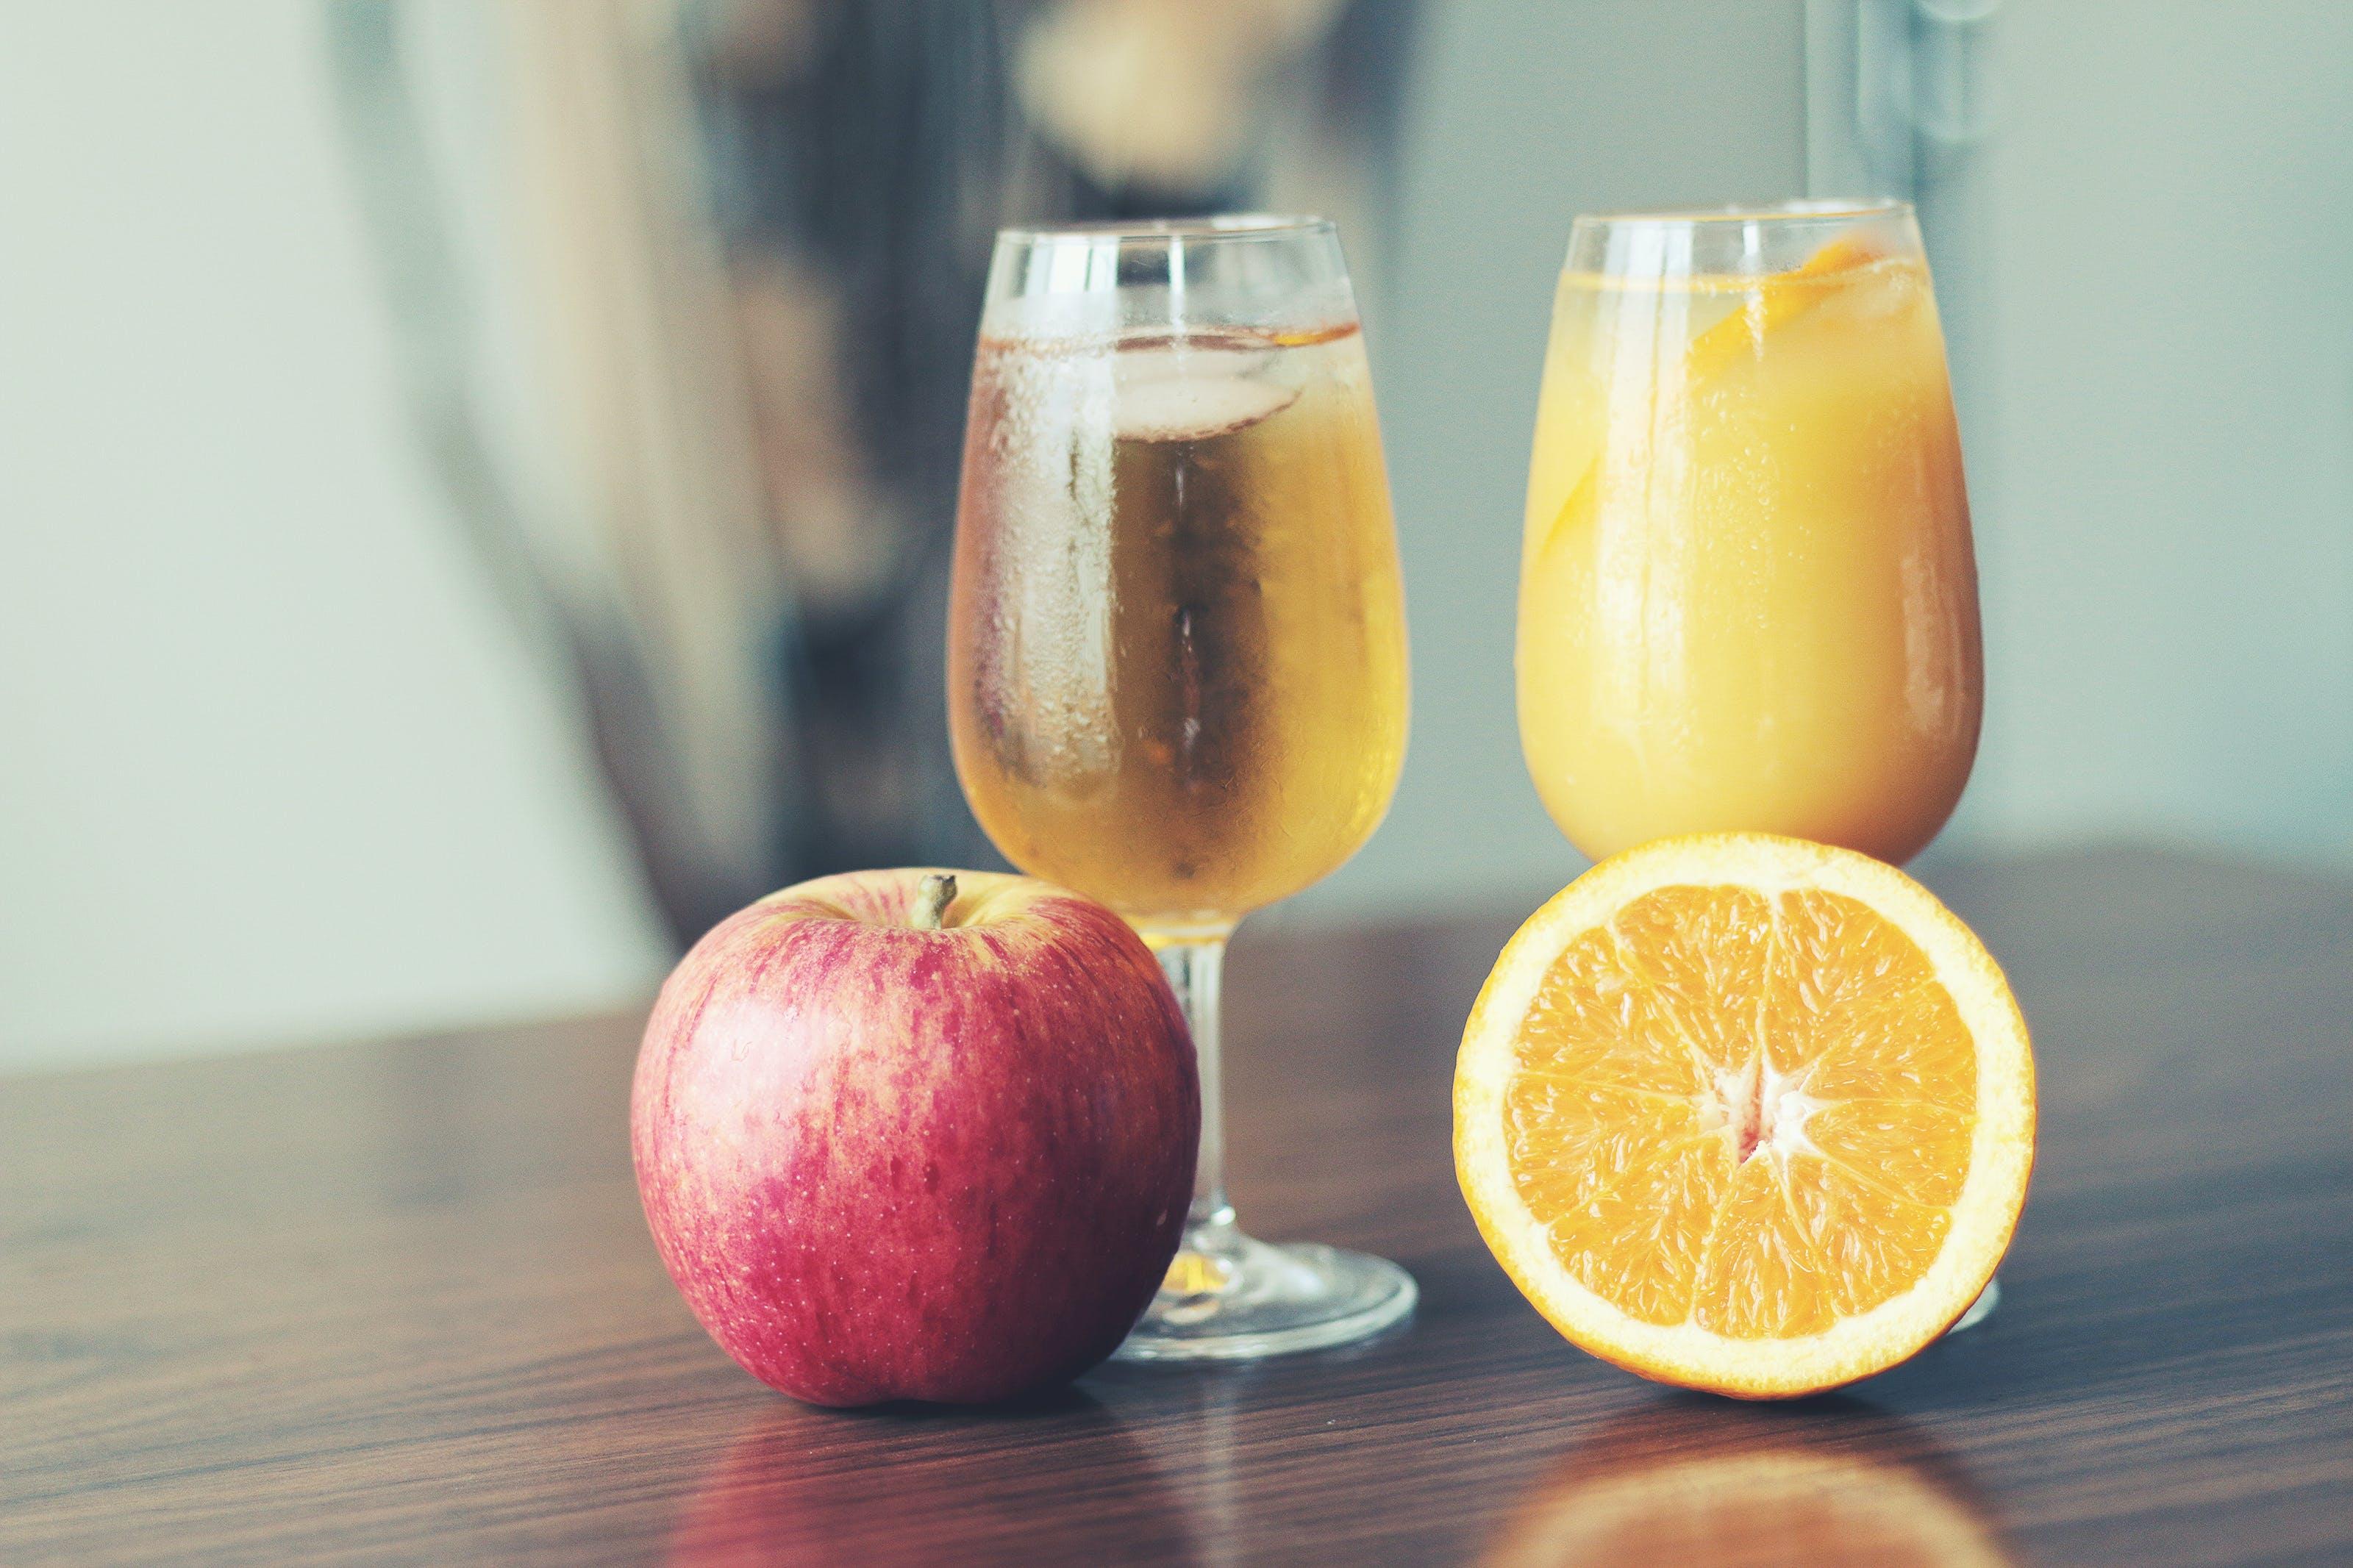 Kostenloses Stock Foto zu apfel, gesund, getränk, orange